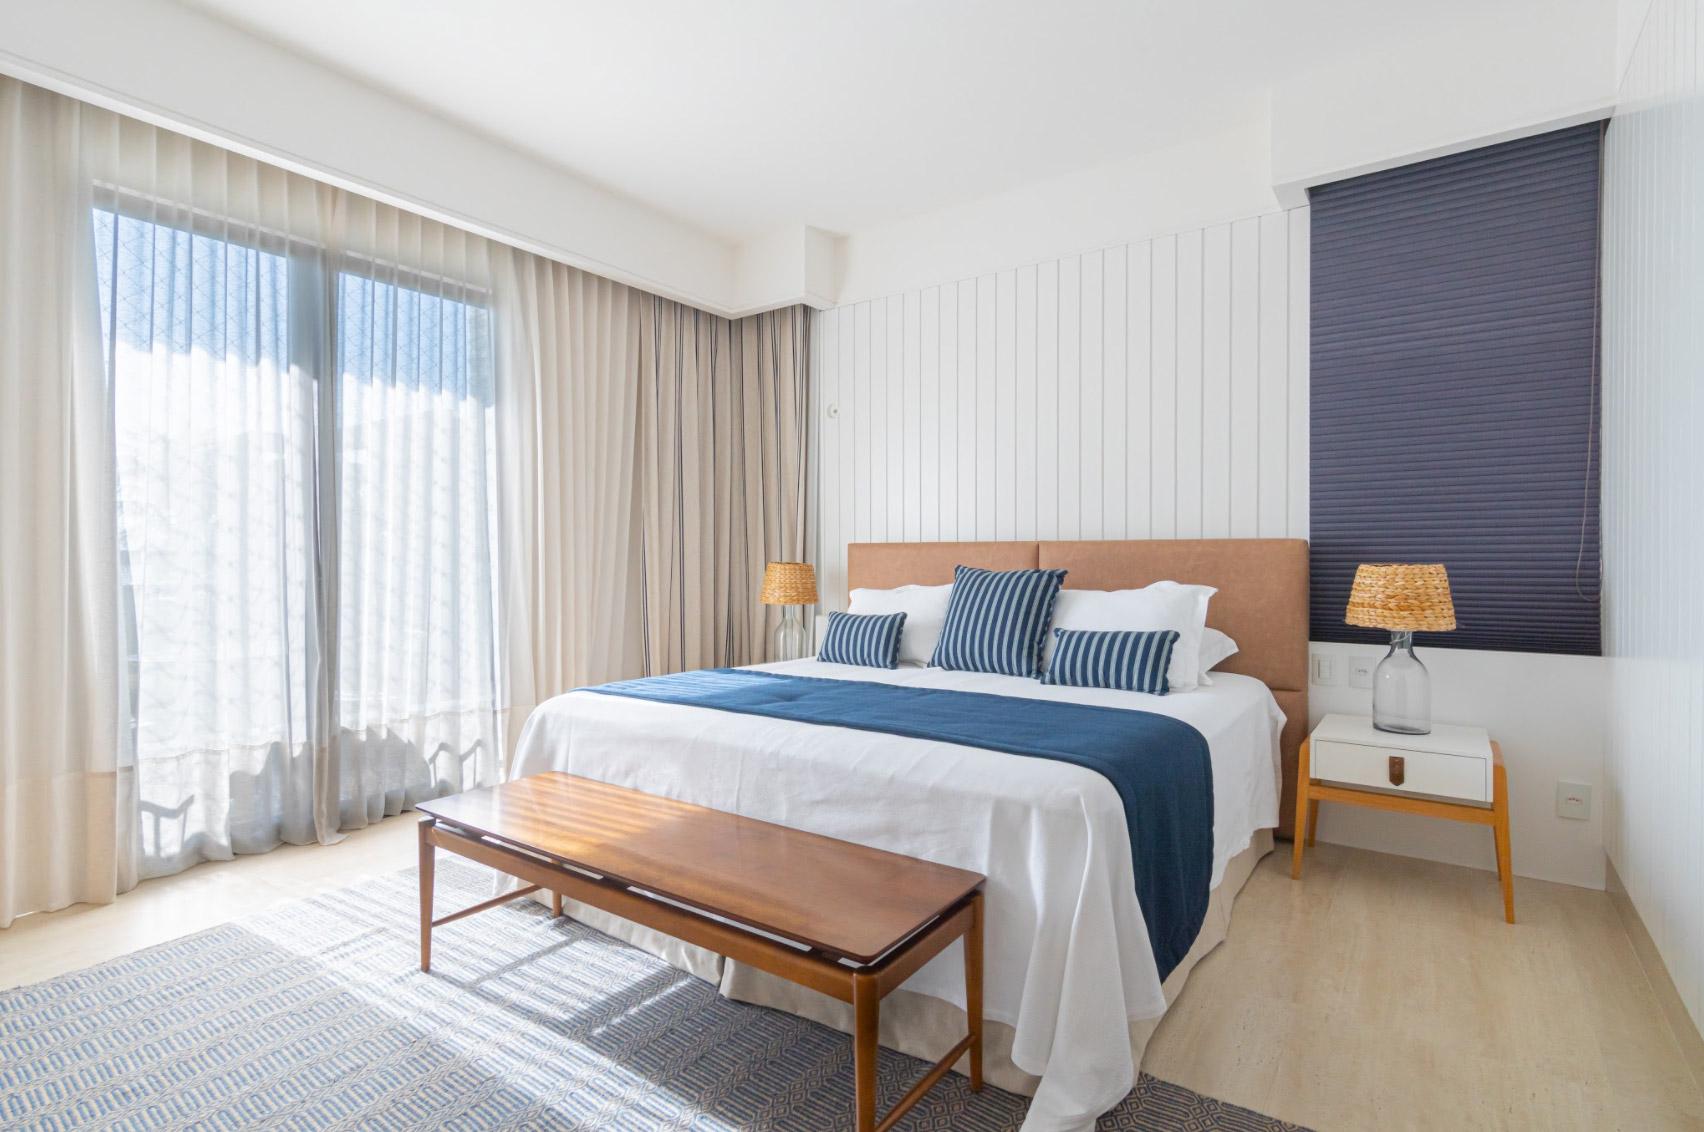 ceara fortaleza 2021 ce ambientes decoração arquitetura carlos otavio profissionais apartamento praia